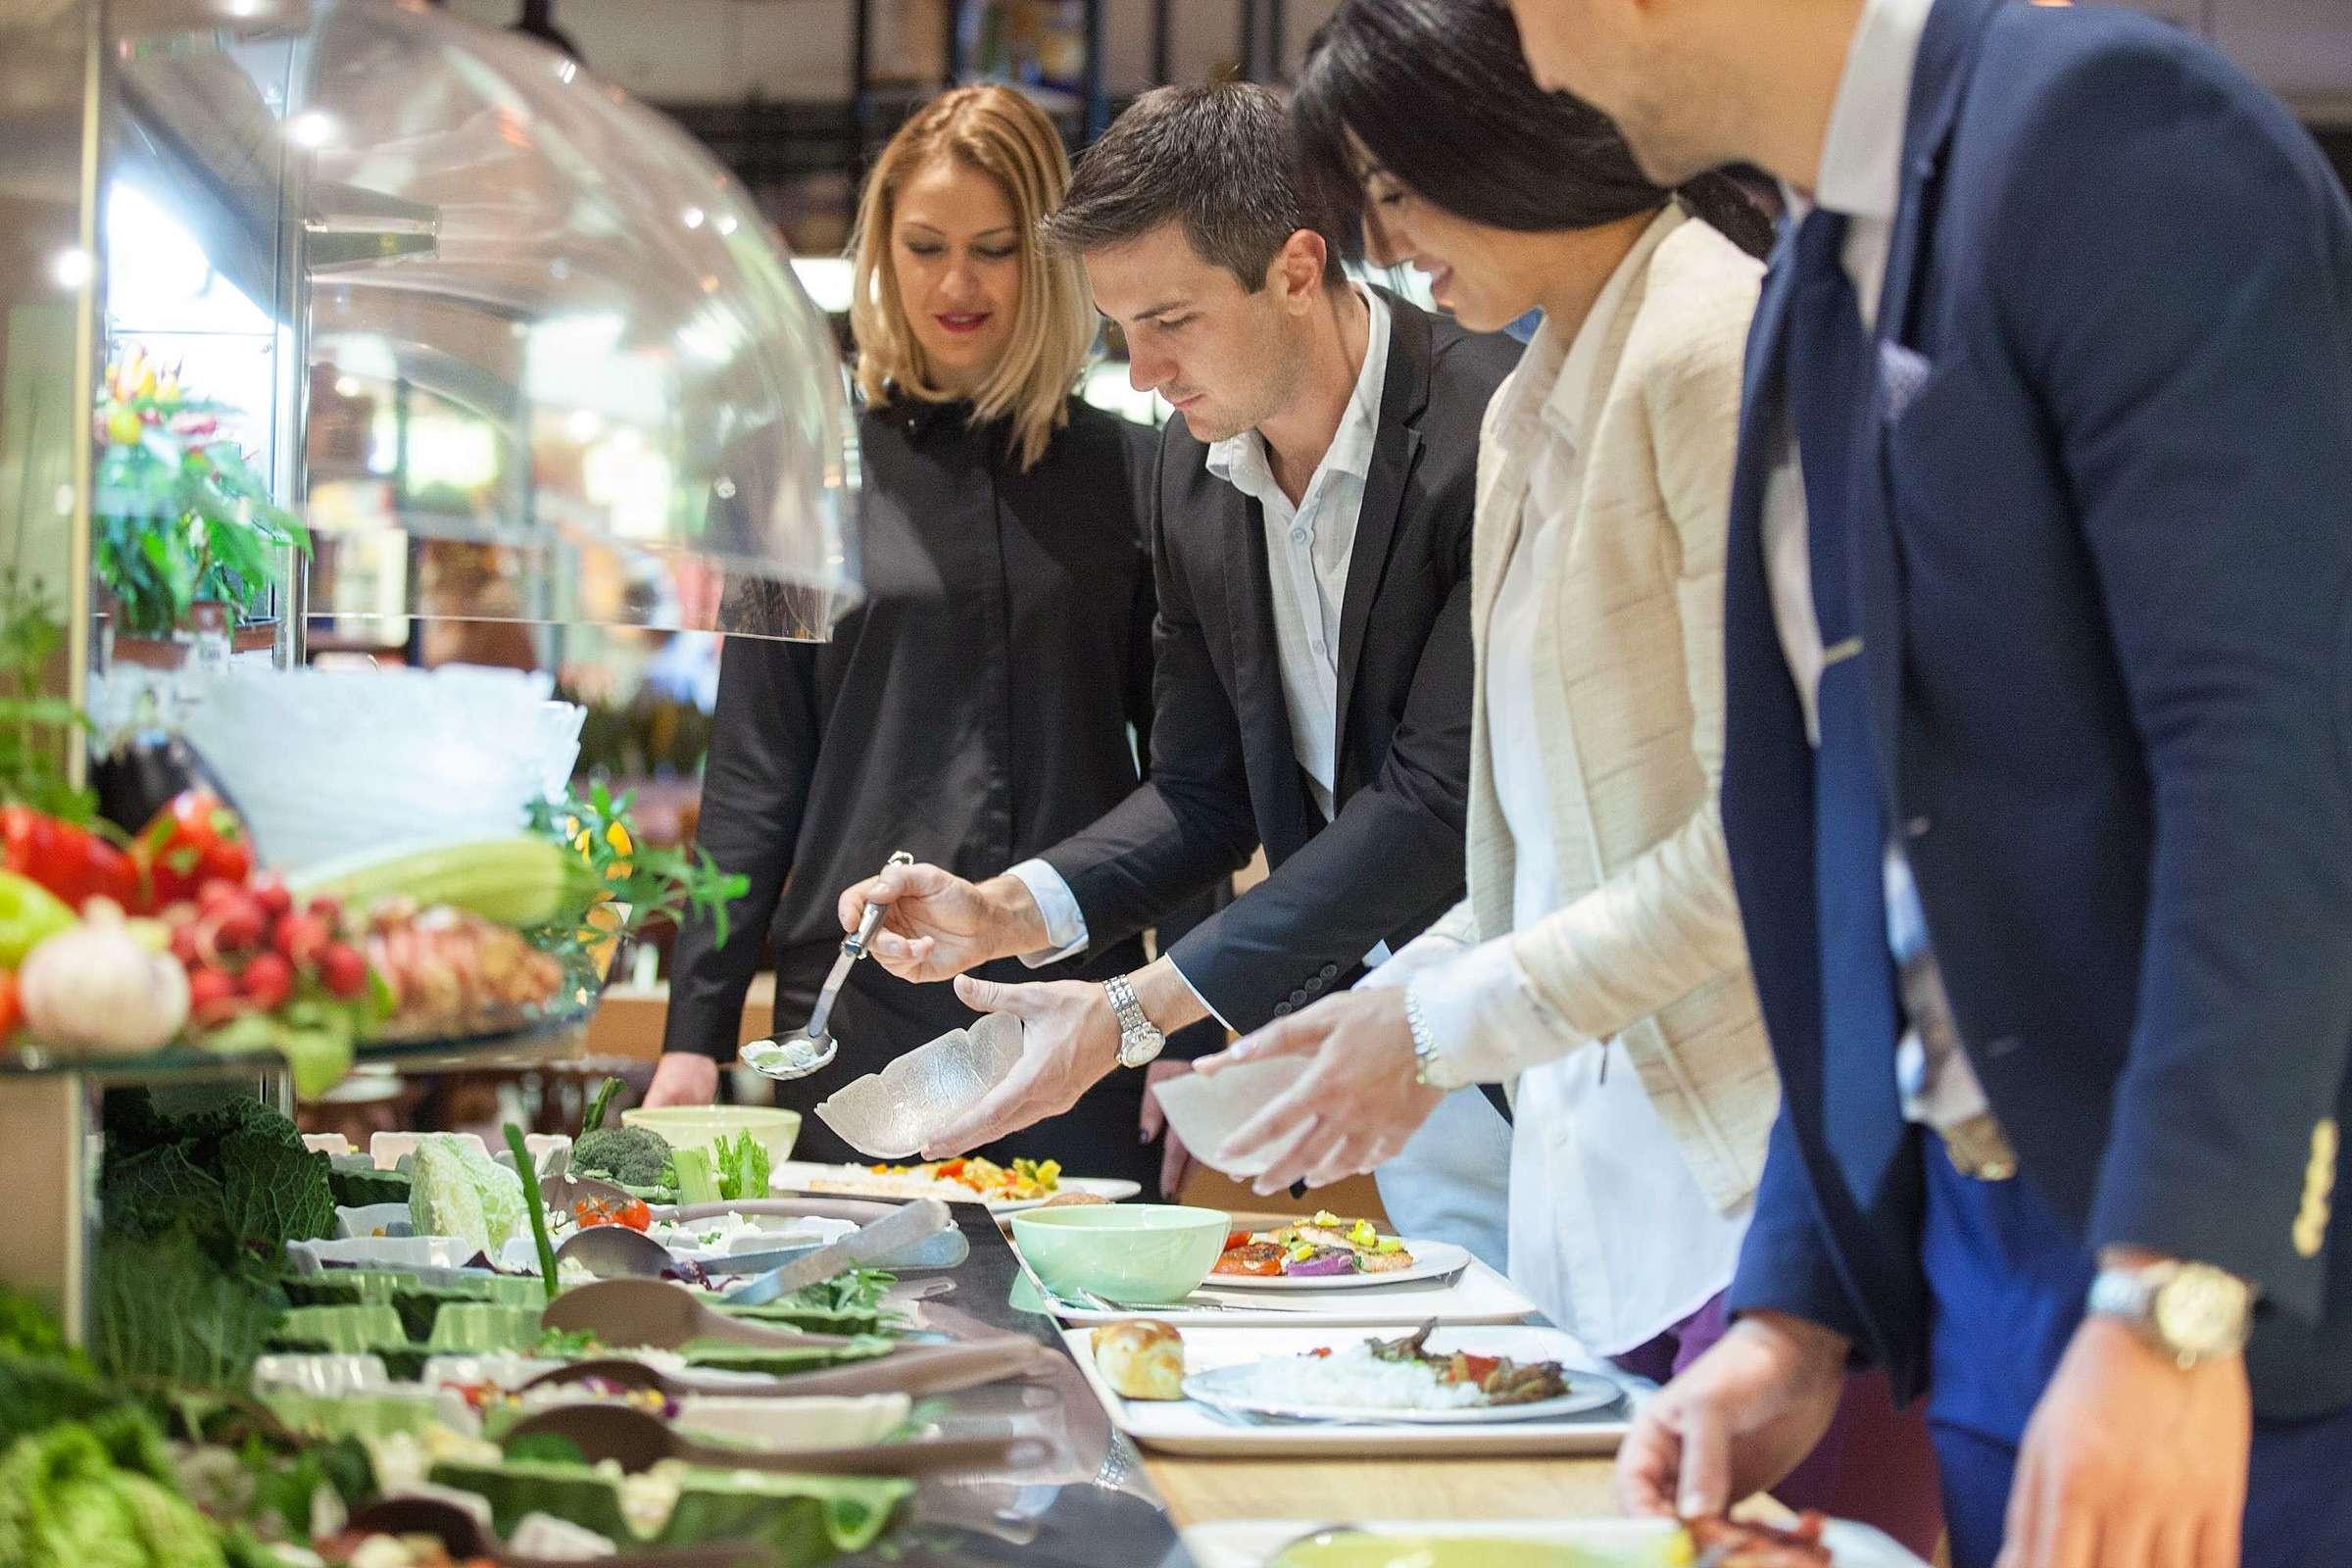 Acompanhamento nutricional dos funcionários: qual o papel da empresa?